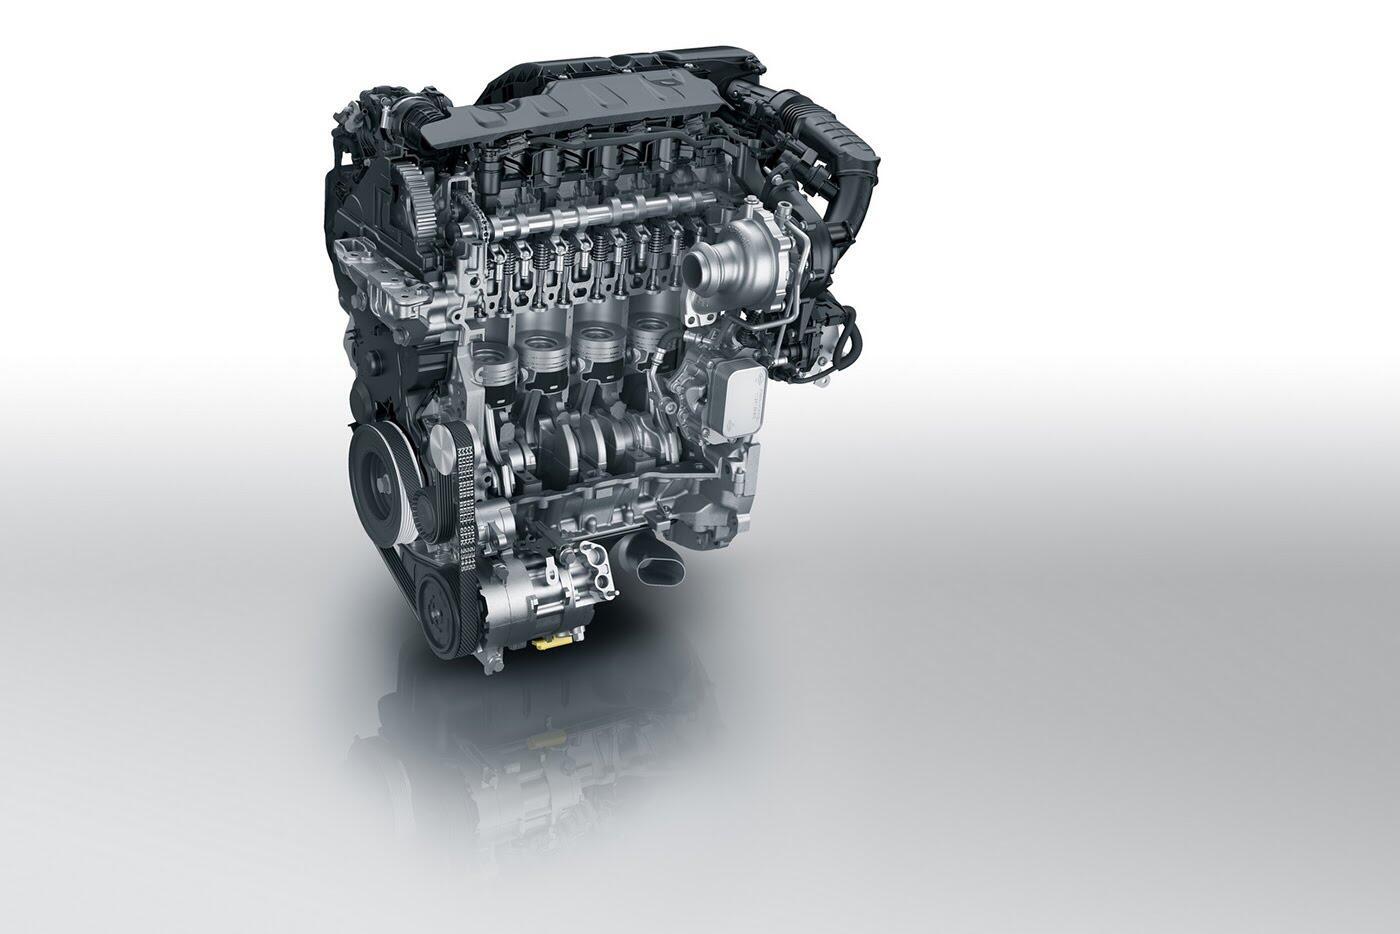 Thêm thông tin về động cơ của Peugeot 308 bản nâng cấp 2018 - Hình 6